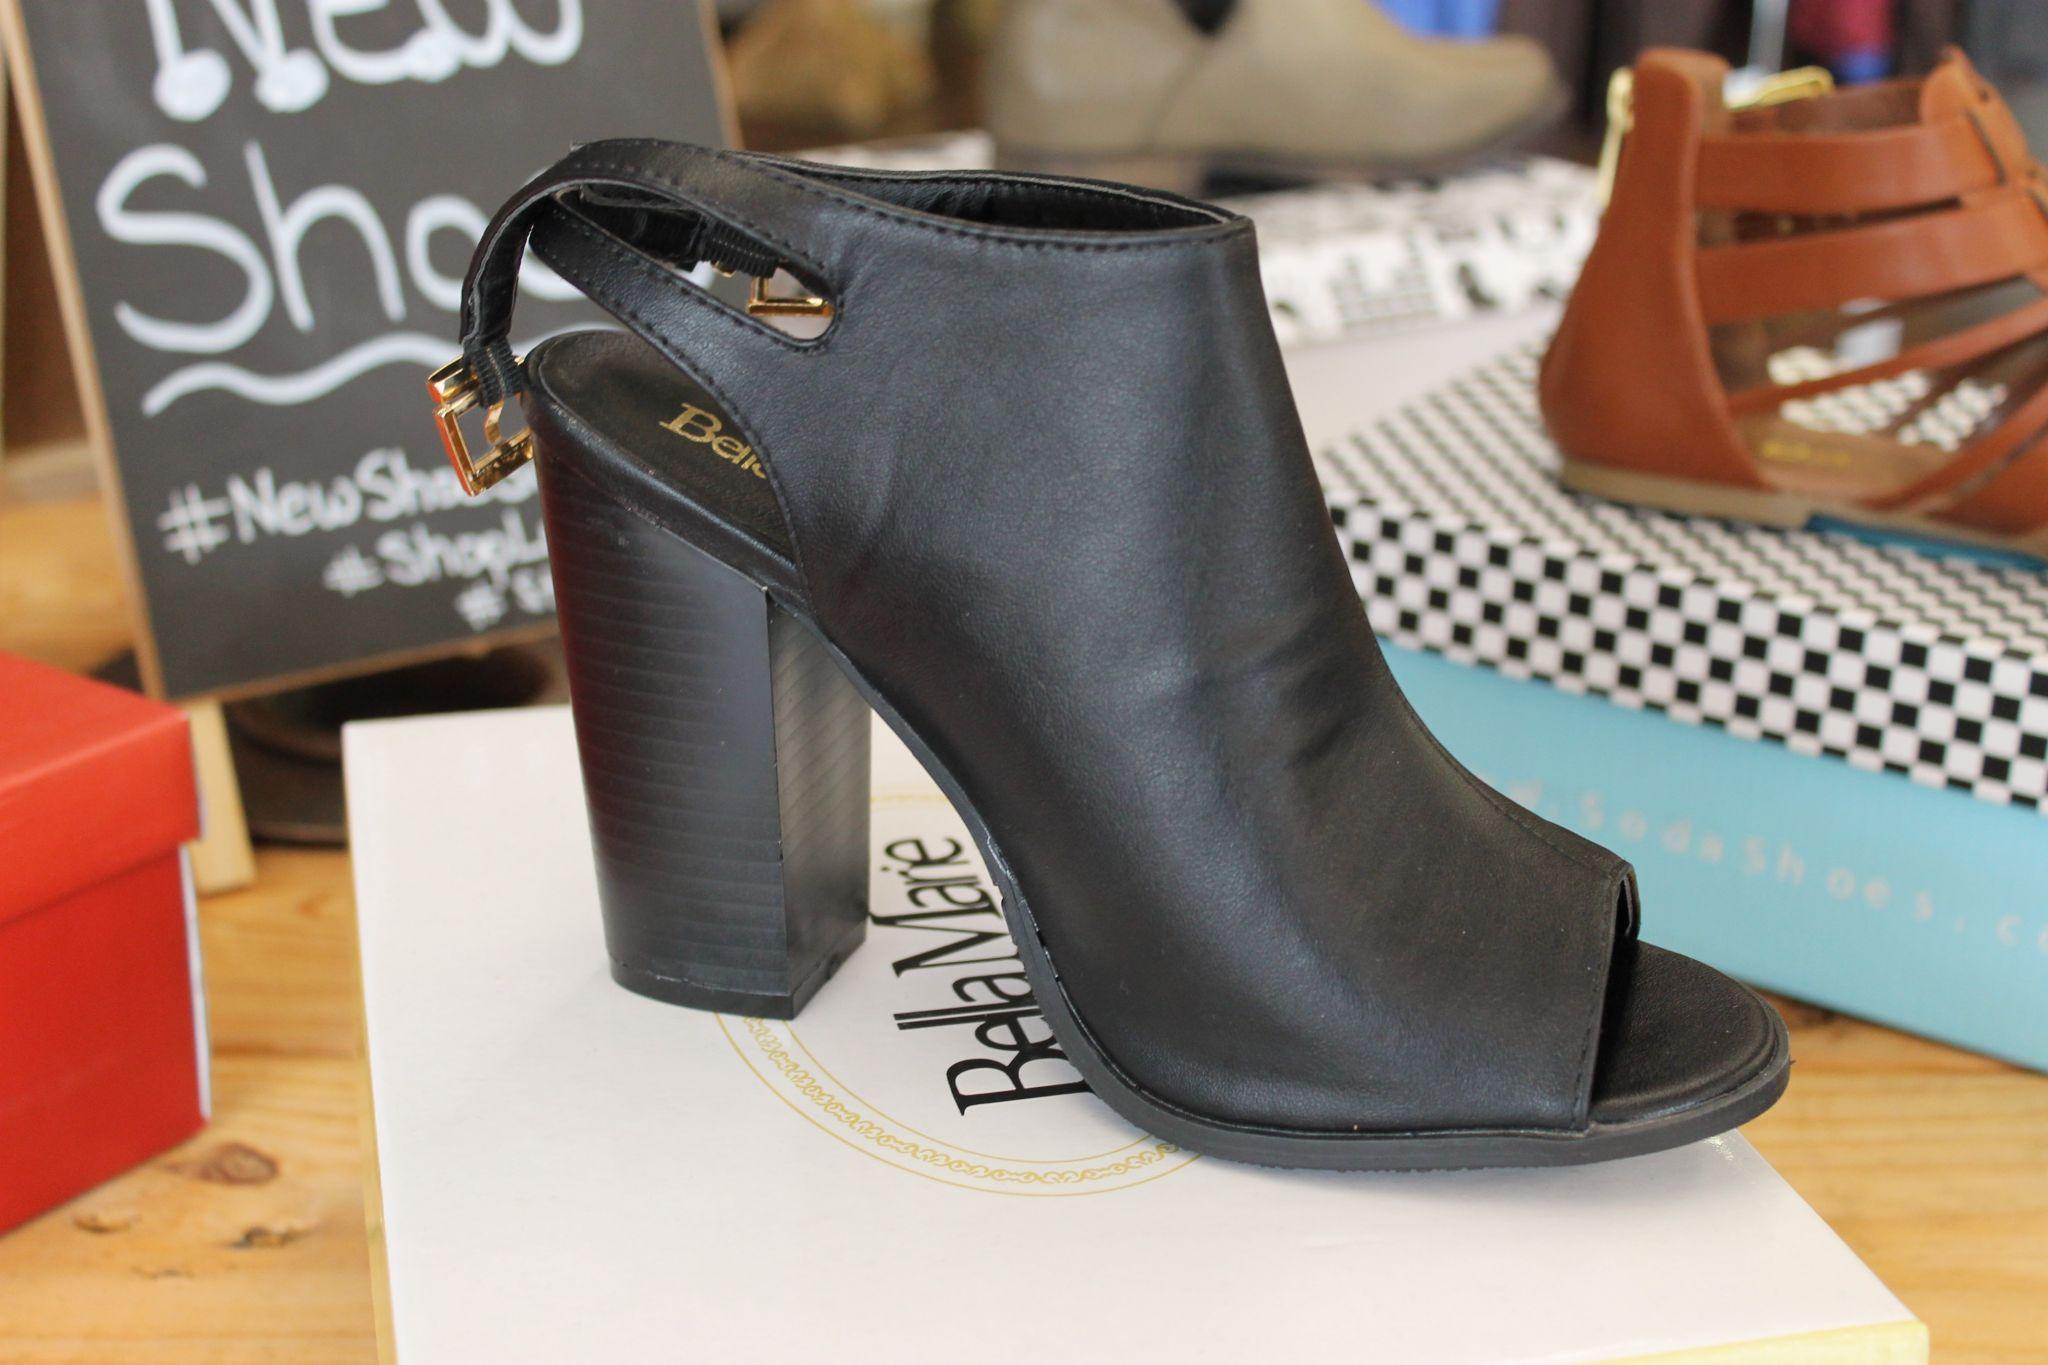 shoes at Steel Velvet